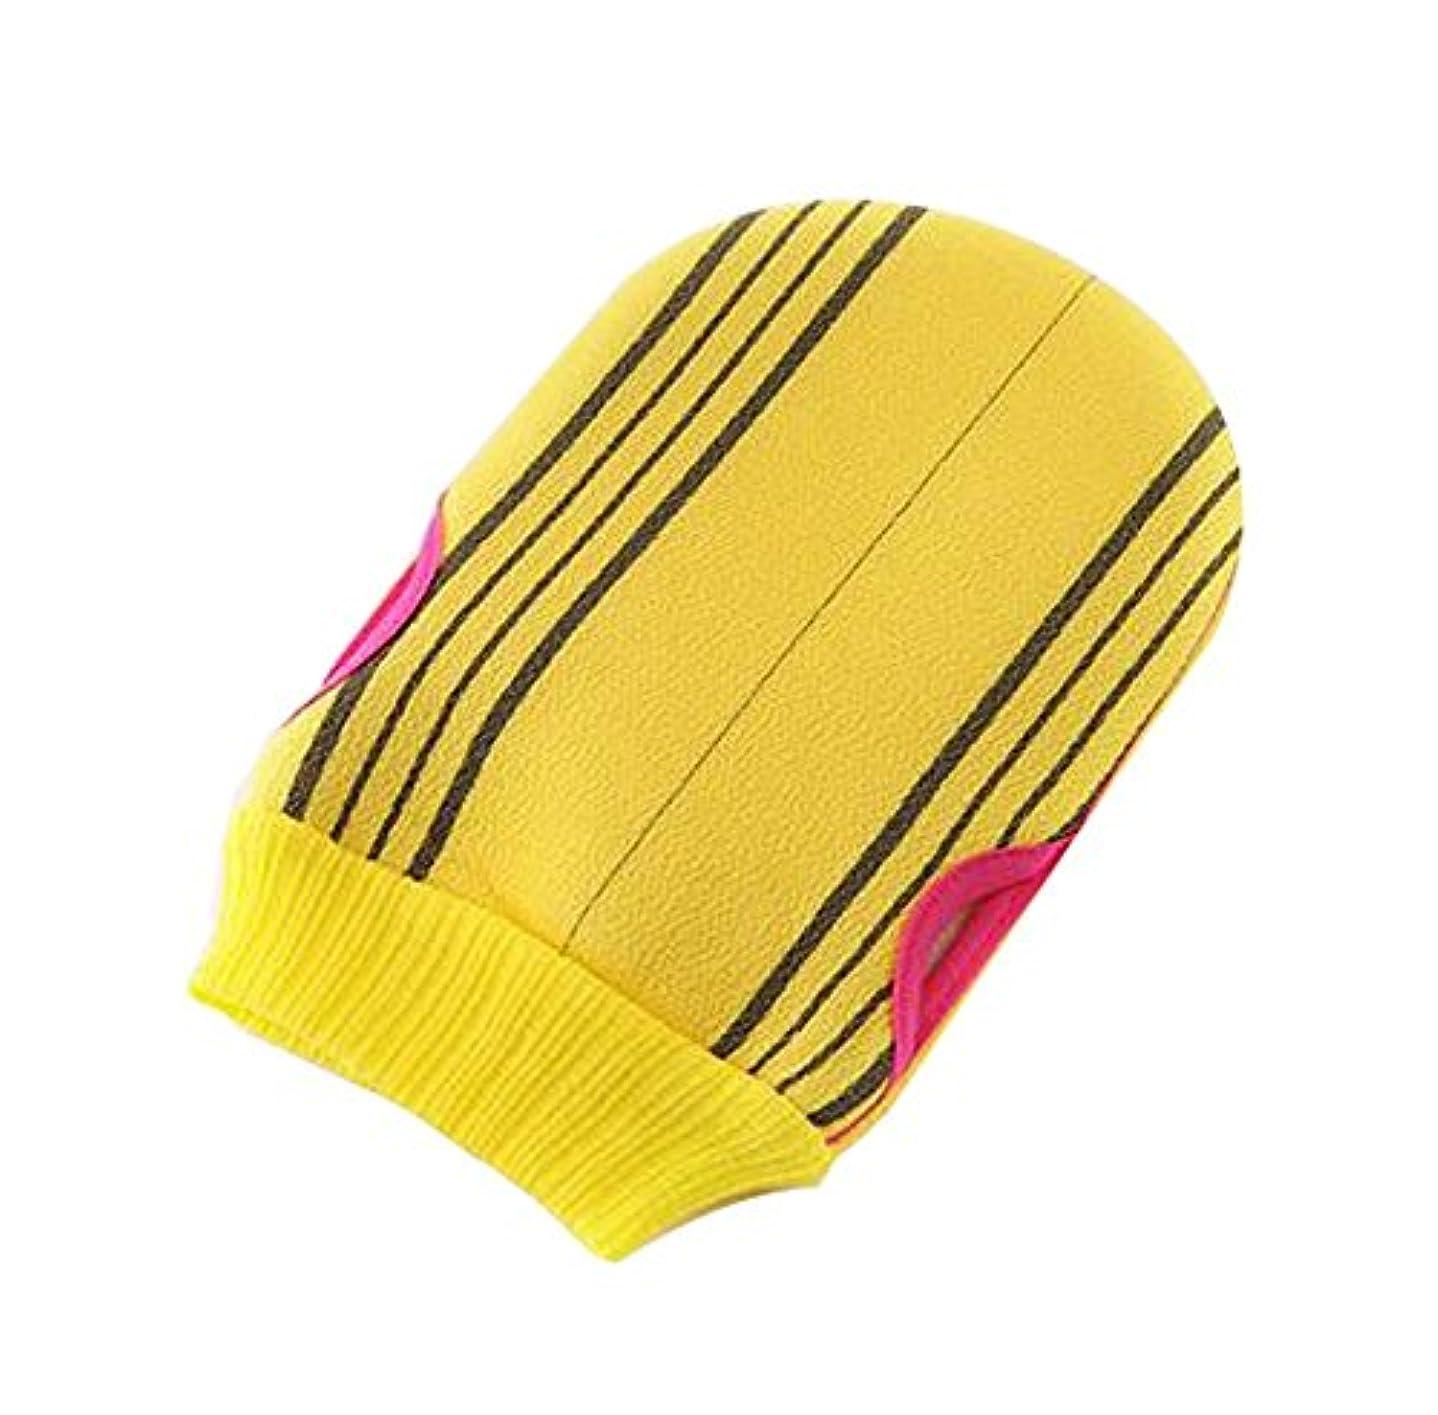 抵抗司書キャベツソフトボディークリーニングバスグローブタオルバス剥離ミトン1枚、黄色